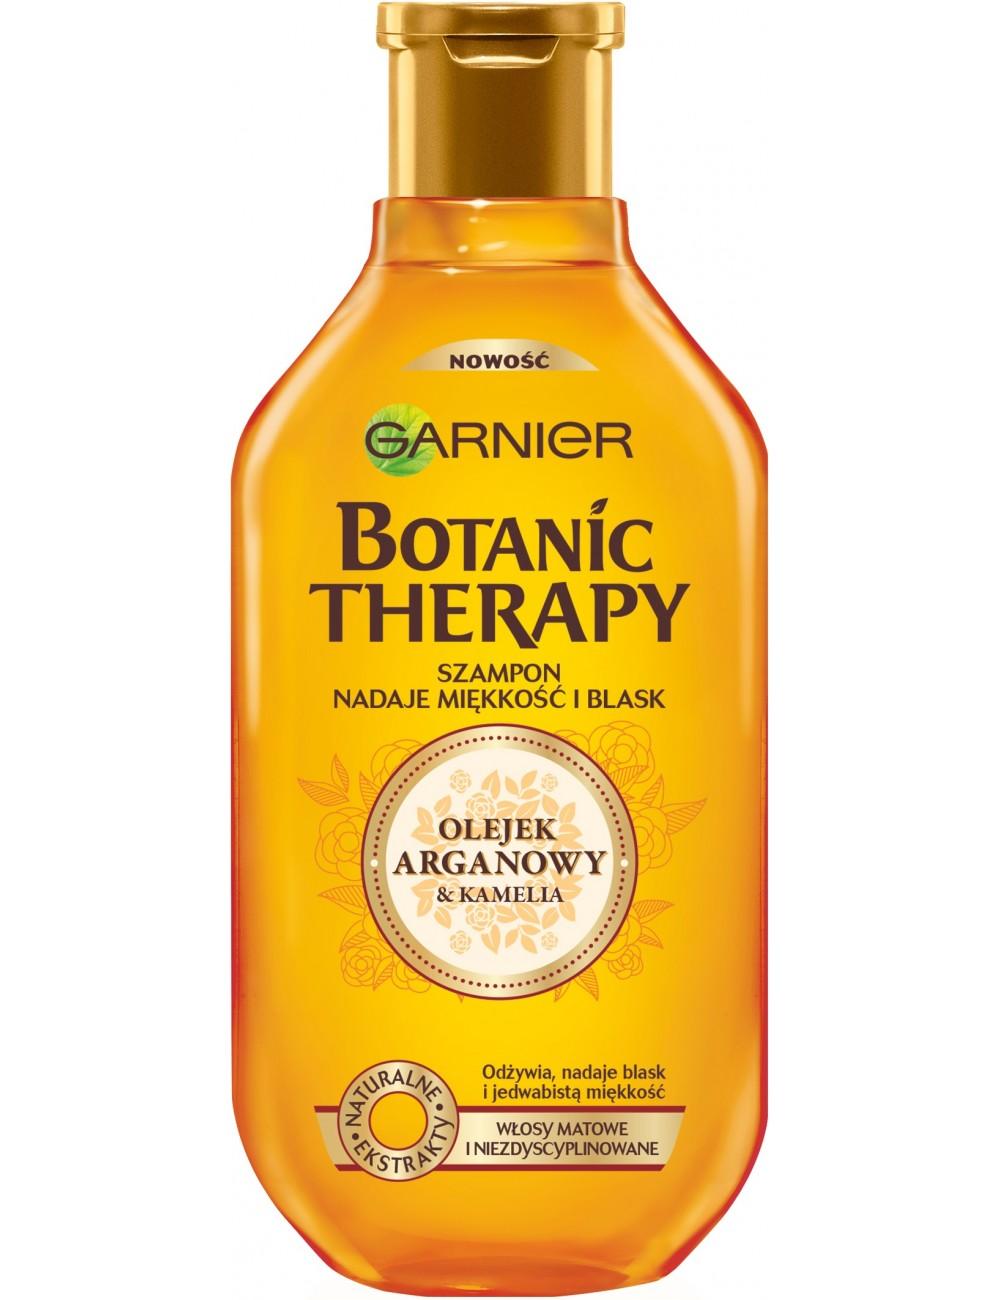 Garnier Botanic Therapy Olejek Arganowy i Kamelia Szampon Nadający Miękkość i Blask do Włosów 400 ml